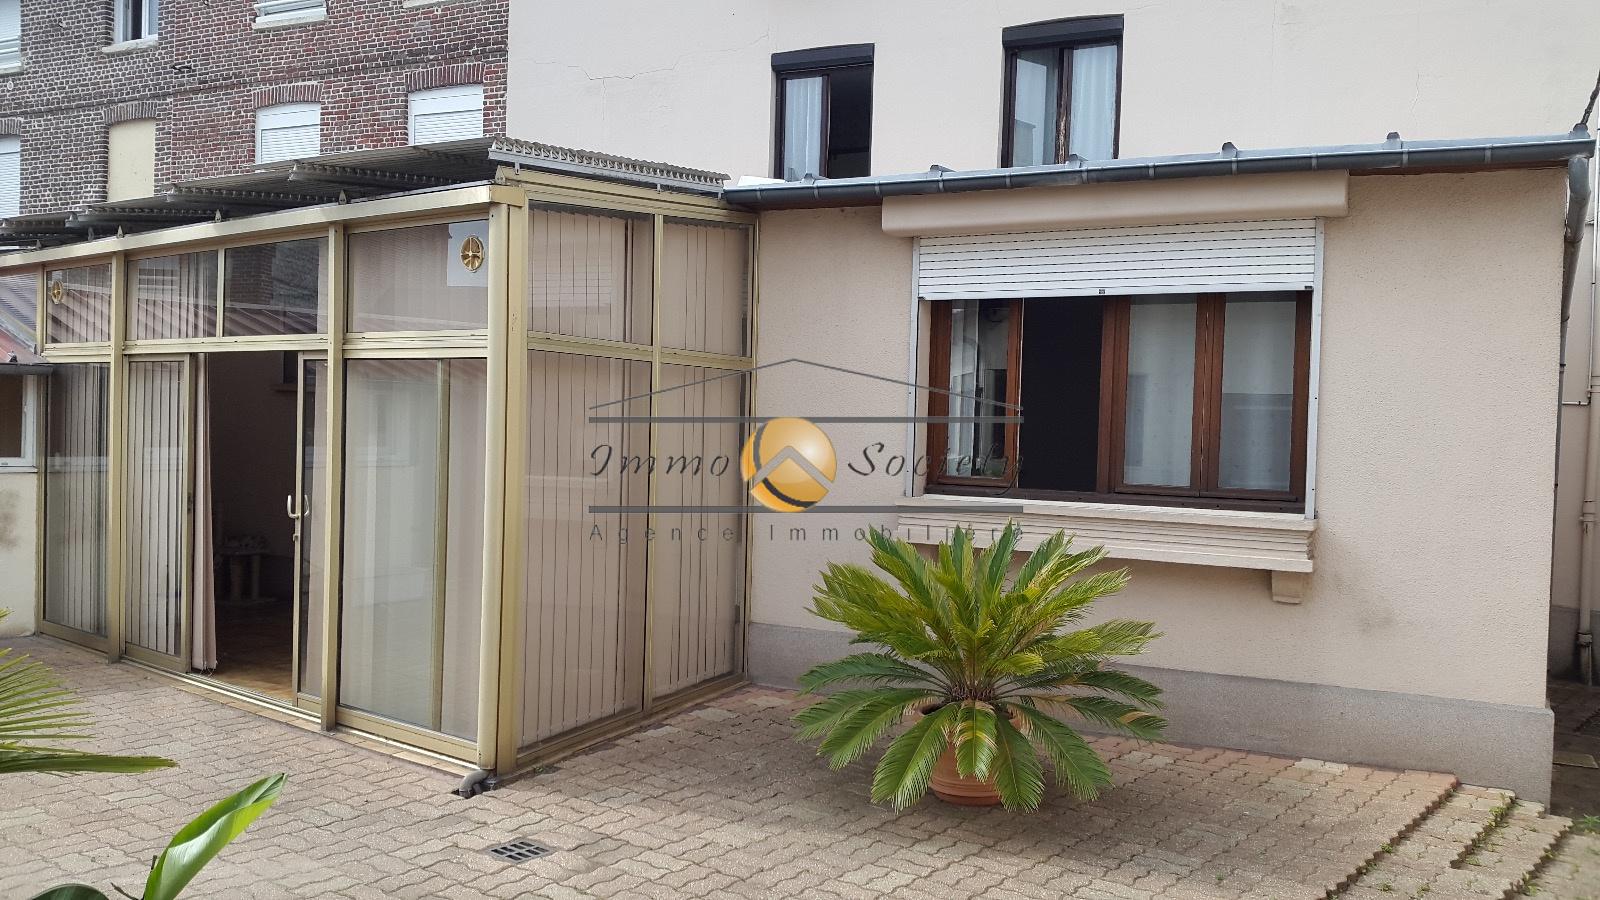 vente maison de ville avec grand garage de 80 m2. Black Bedroom Furniture Sets. Home Design Ideas